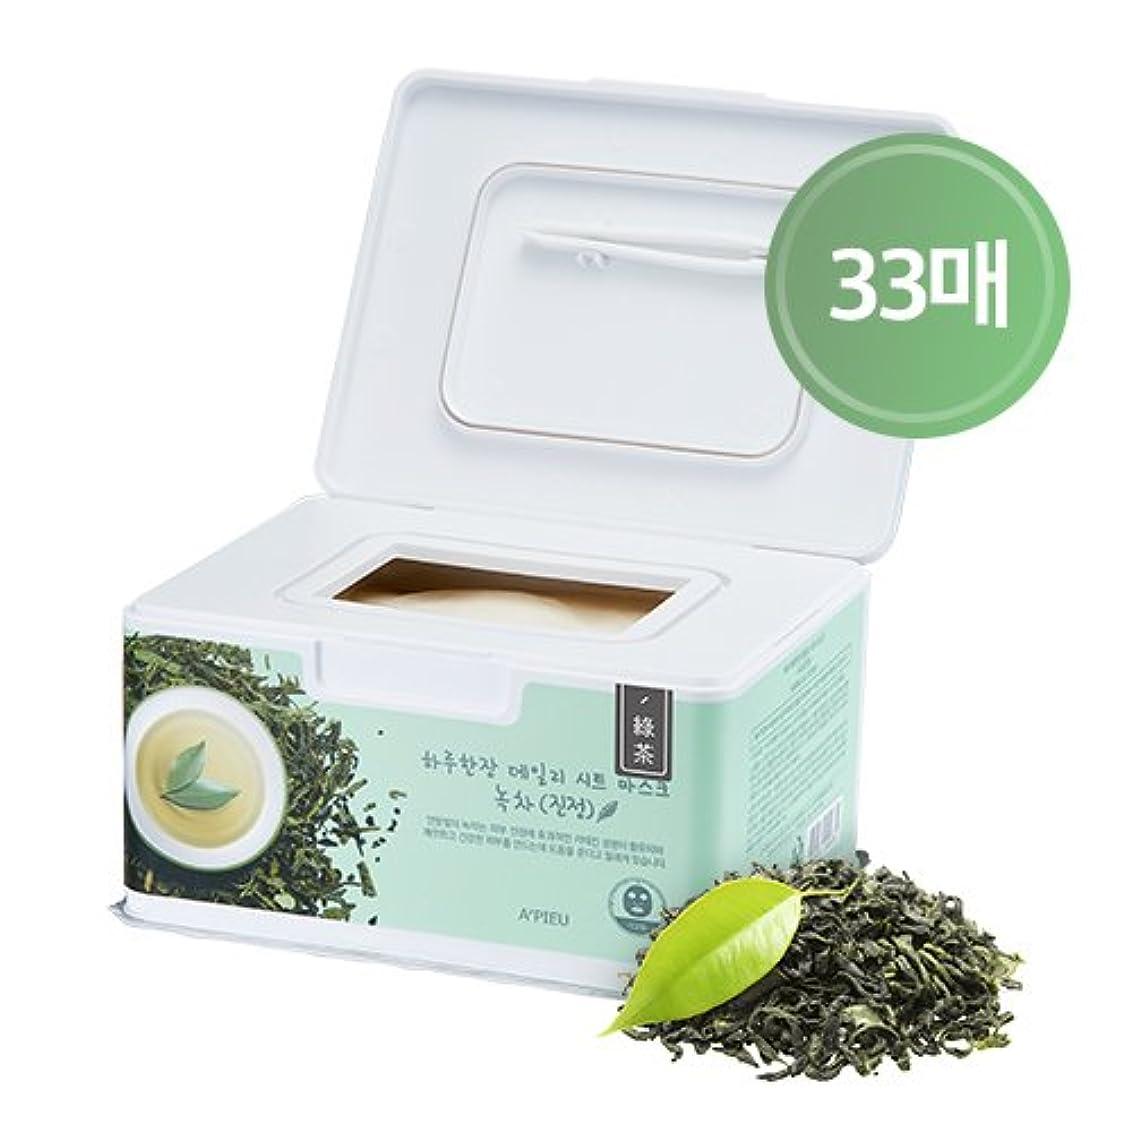 豊富に作成者粘り強いAPIEU DAILY Sheet Mask _ Green Tea (Soothing) / [オピュ/アピュ] デイリーシートマスク_緑茶 (スージング) [並行輸入品]